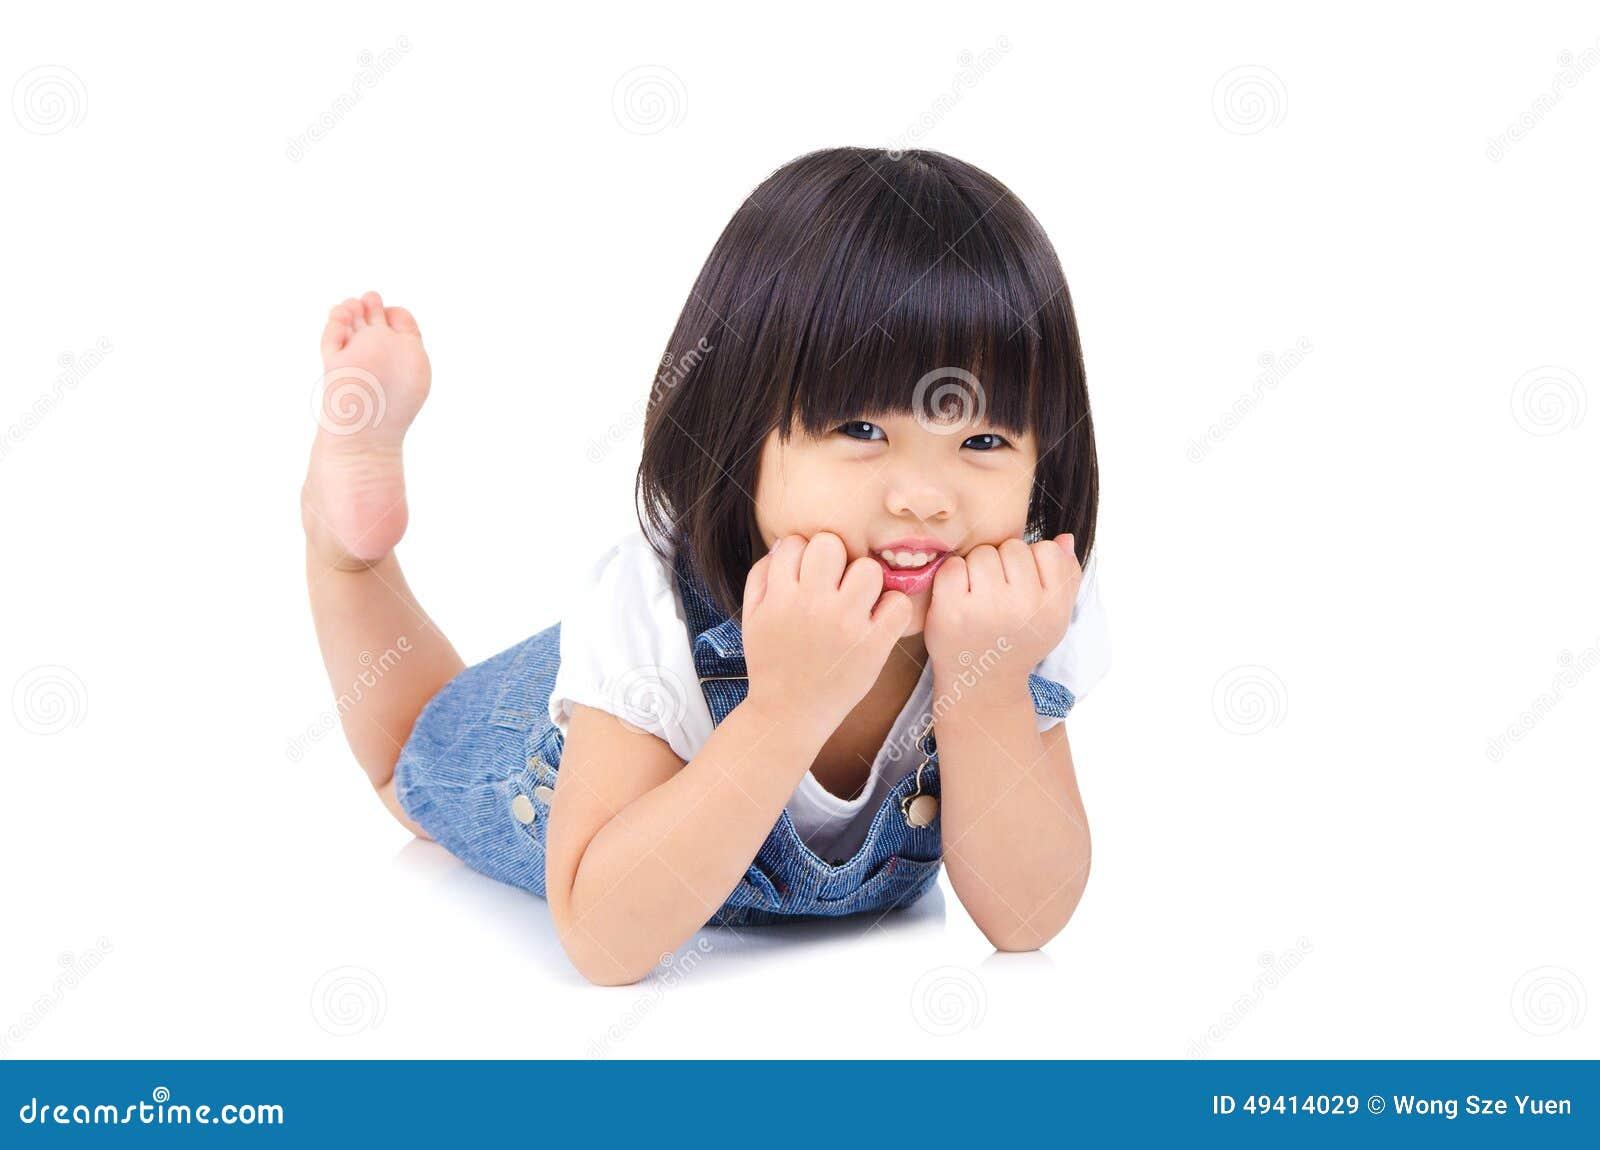 Download Kinderporträt stockbild. Bild von frau, unschuld, mädchen - 49414029